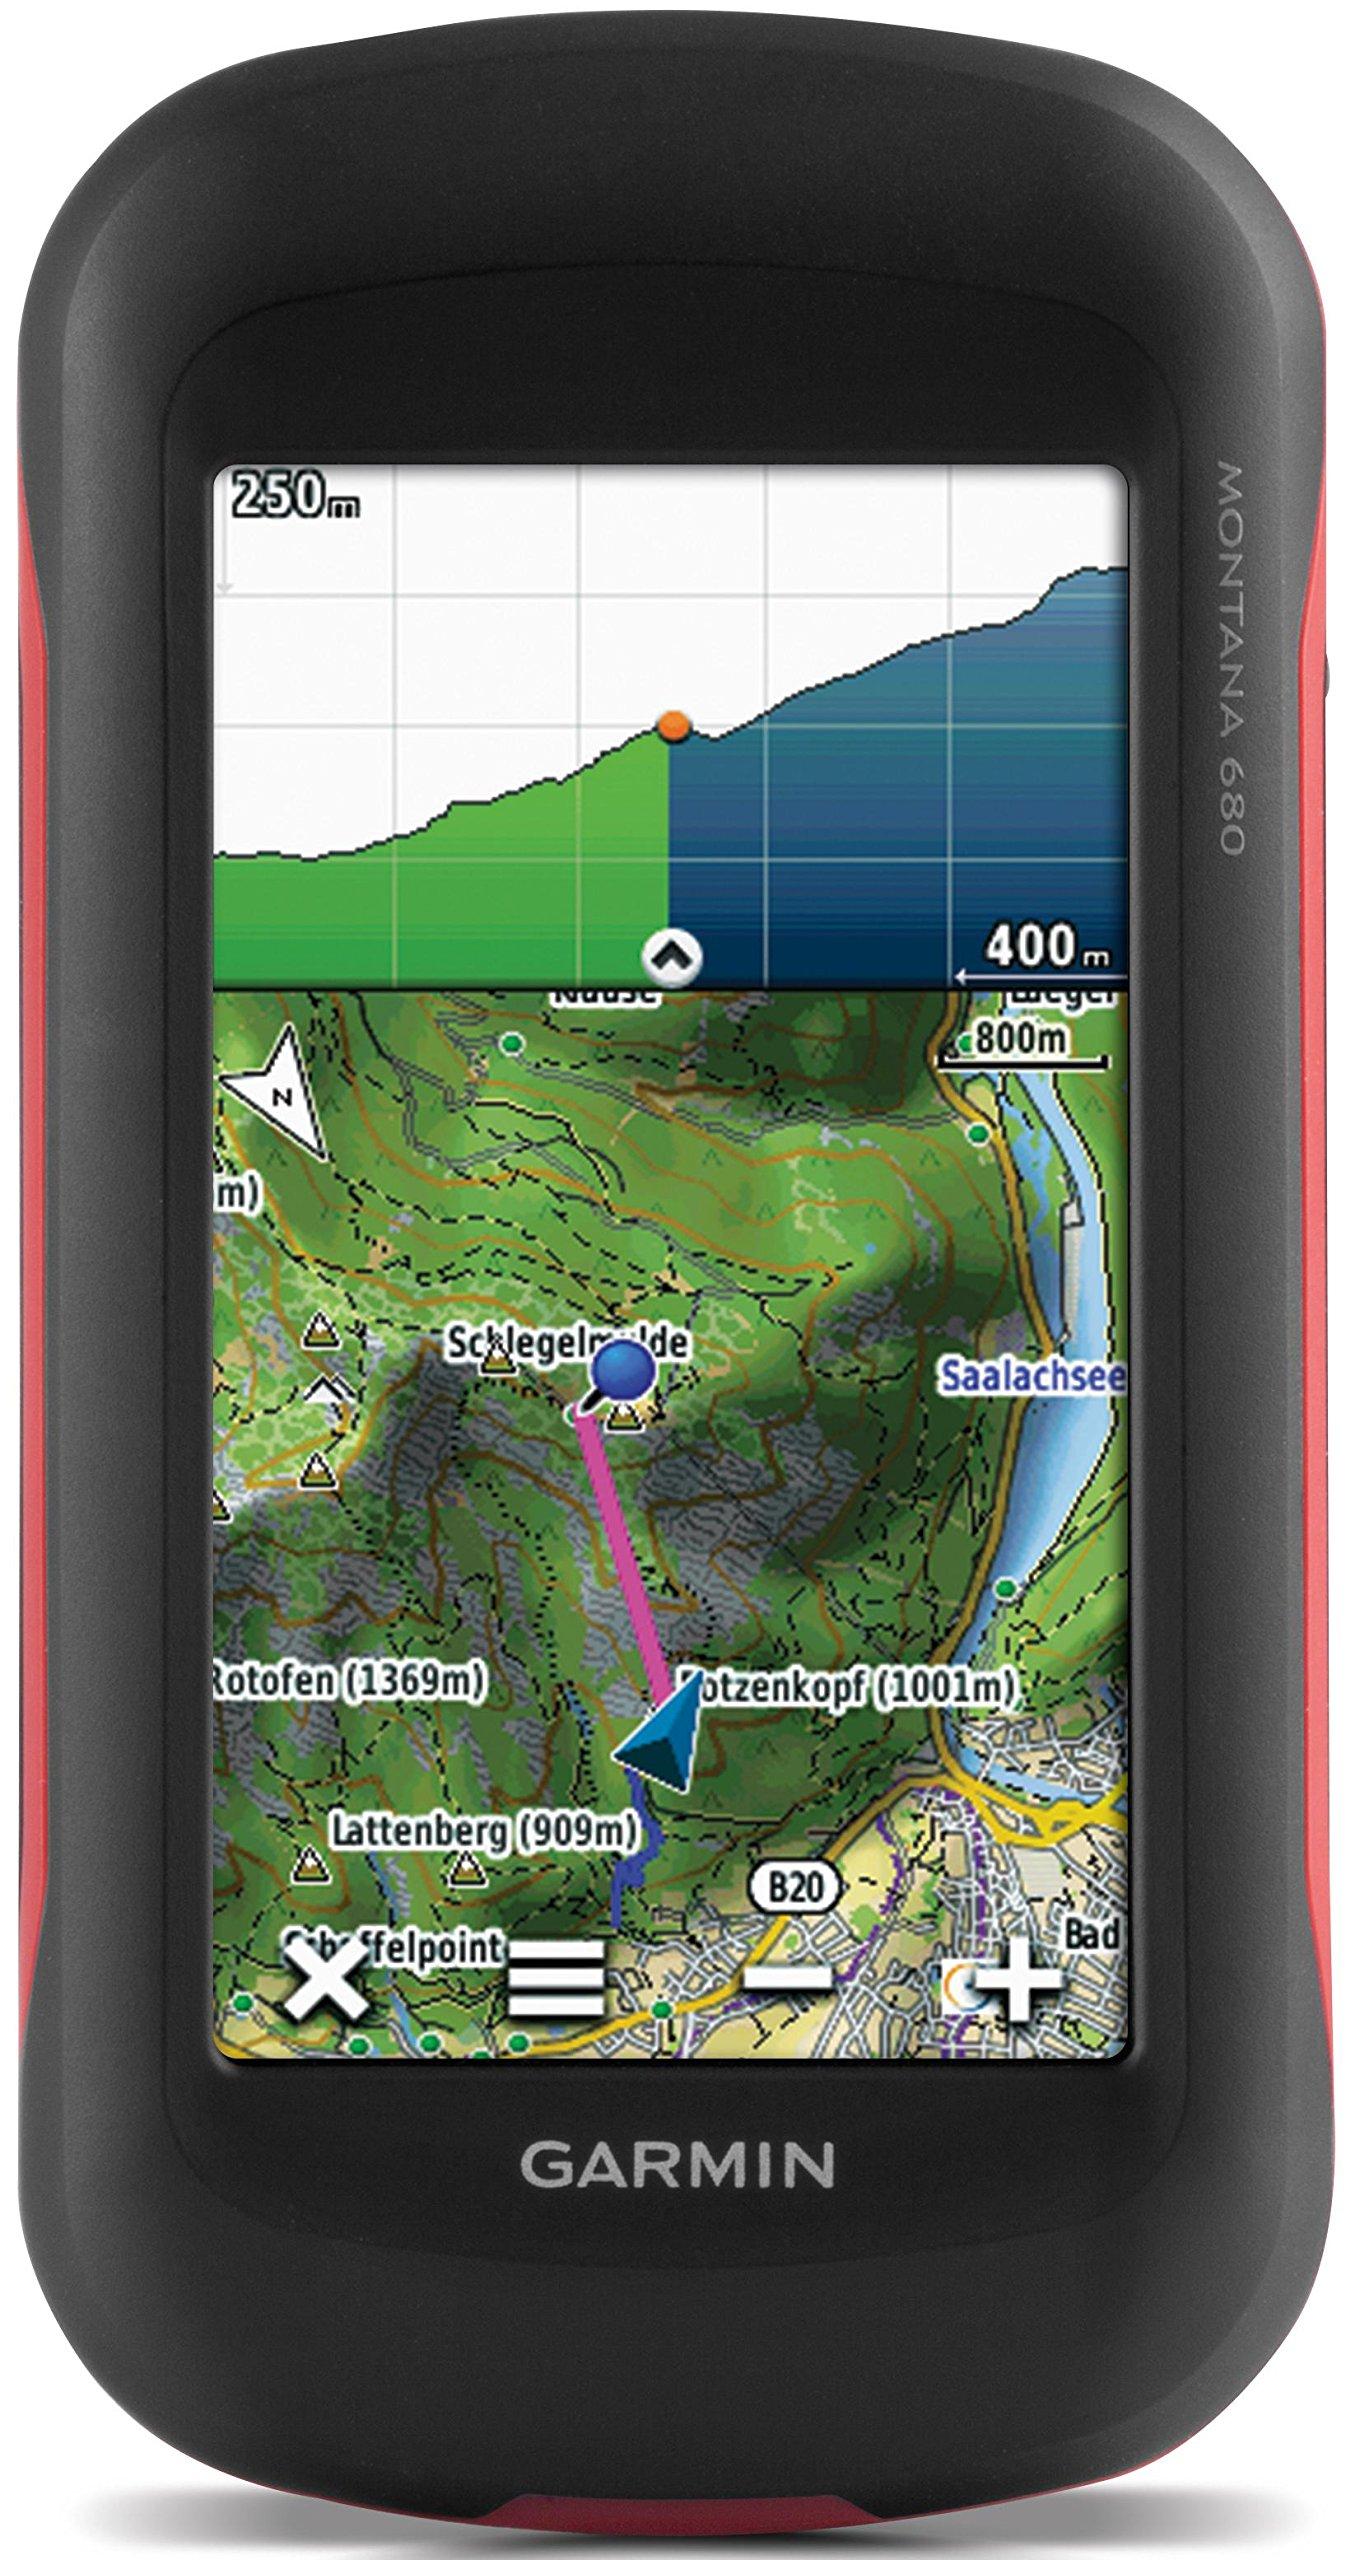 Garmin-Montana-Outdoor-Navigationsgert